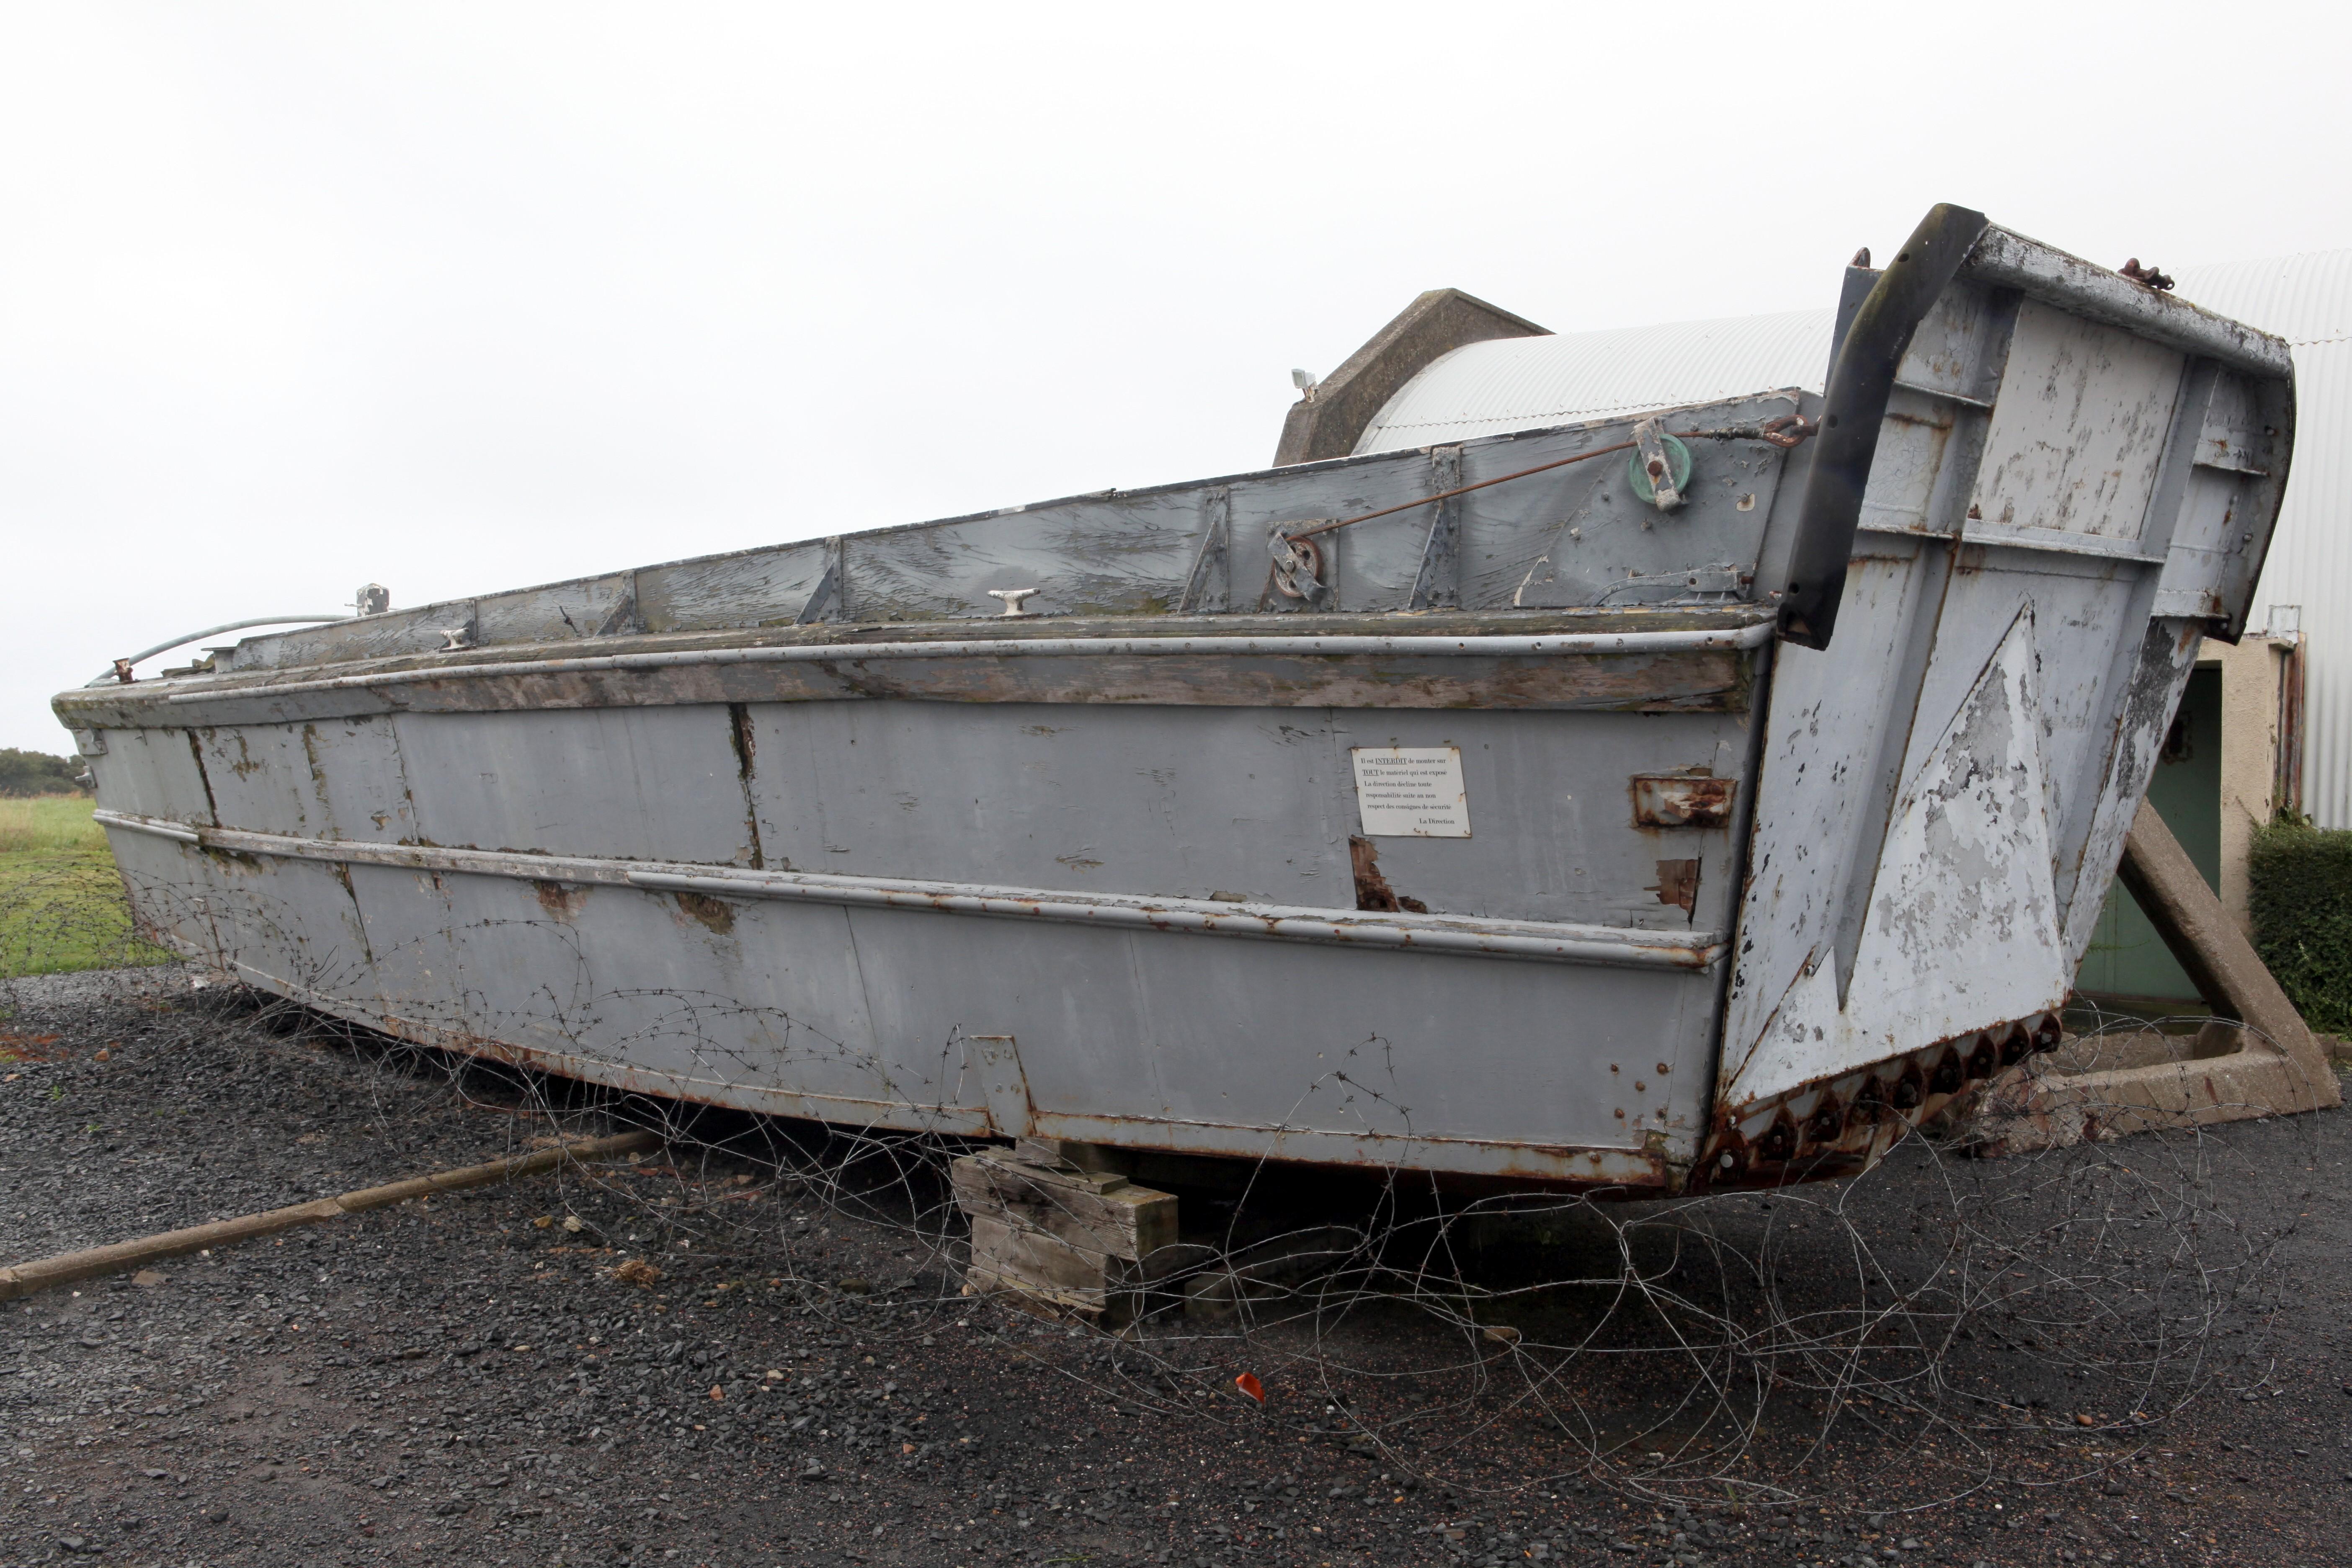 File:Higgins boat - LCVP (Landing Craft Vehicle Personnel) - Flickr - Joost J. Bakker IJmuiden ...